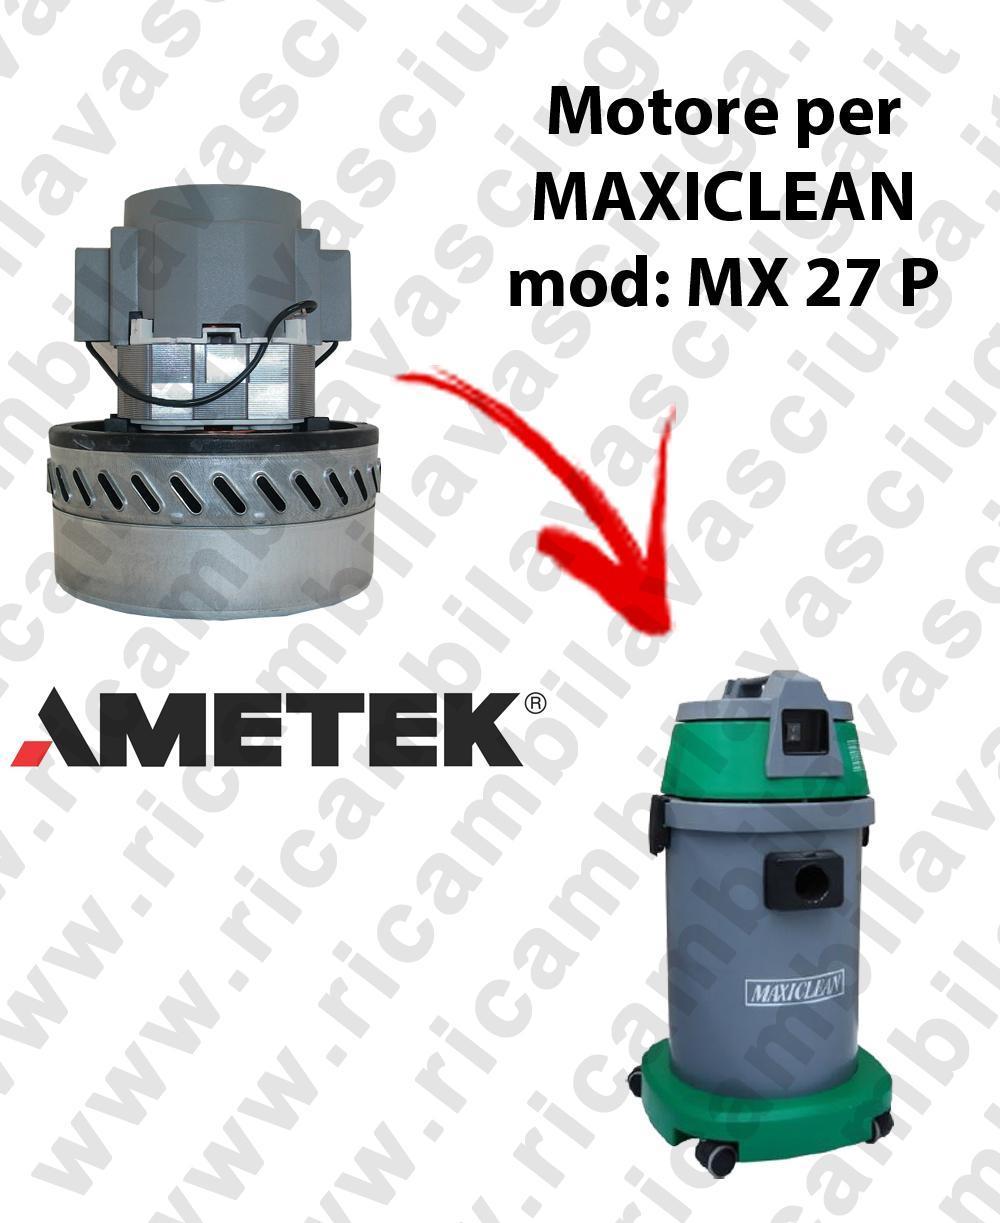 MX 27 P Saugmotor AMETEK für Staubsauger und trockensauger MAXICLEAN